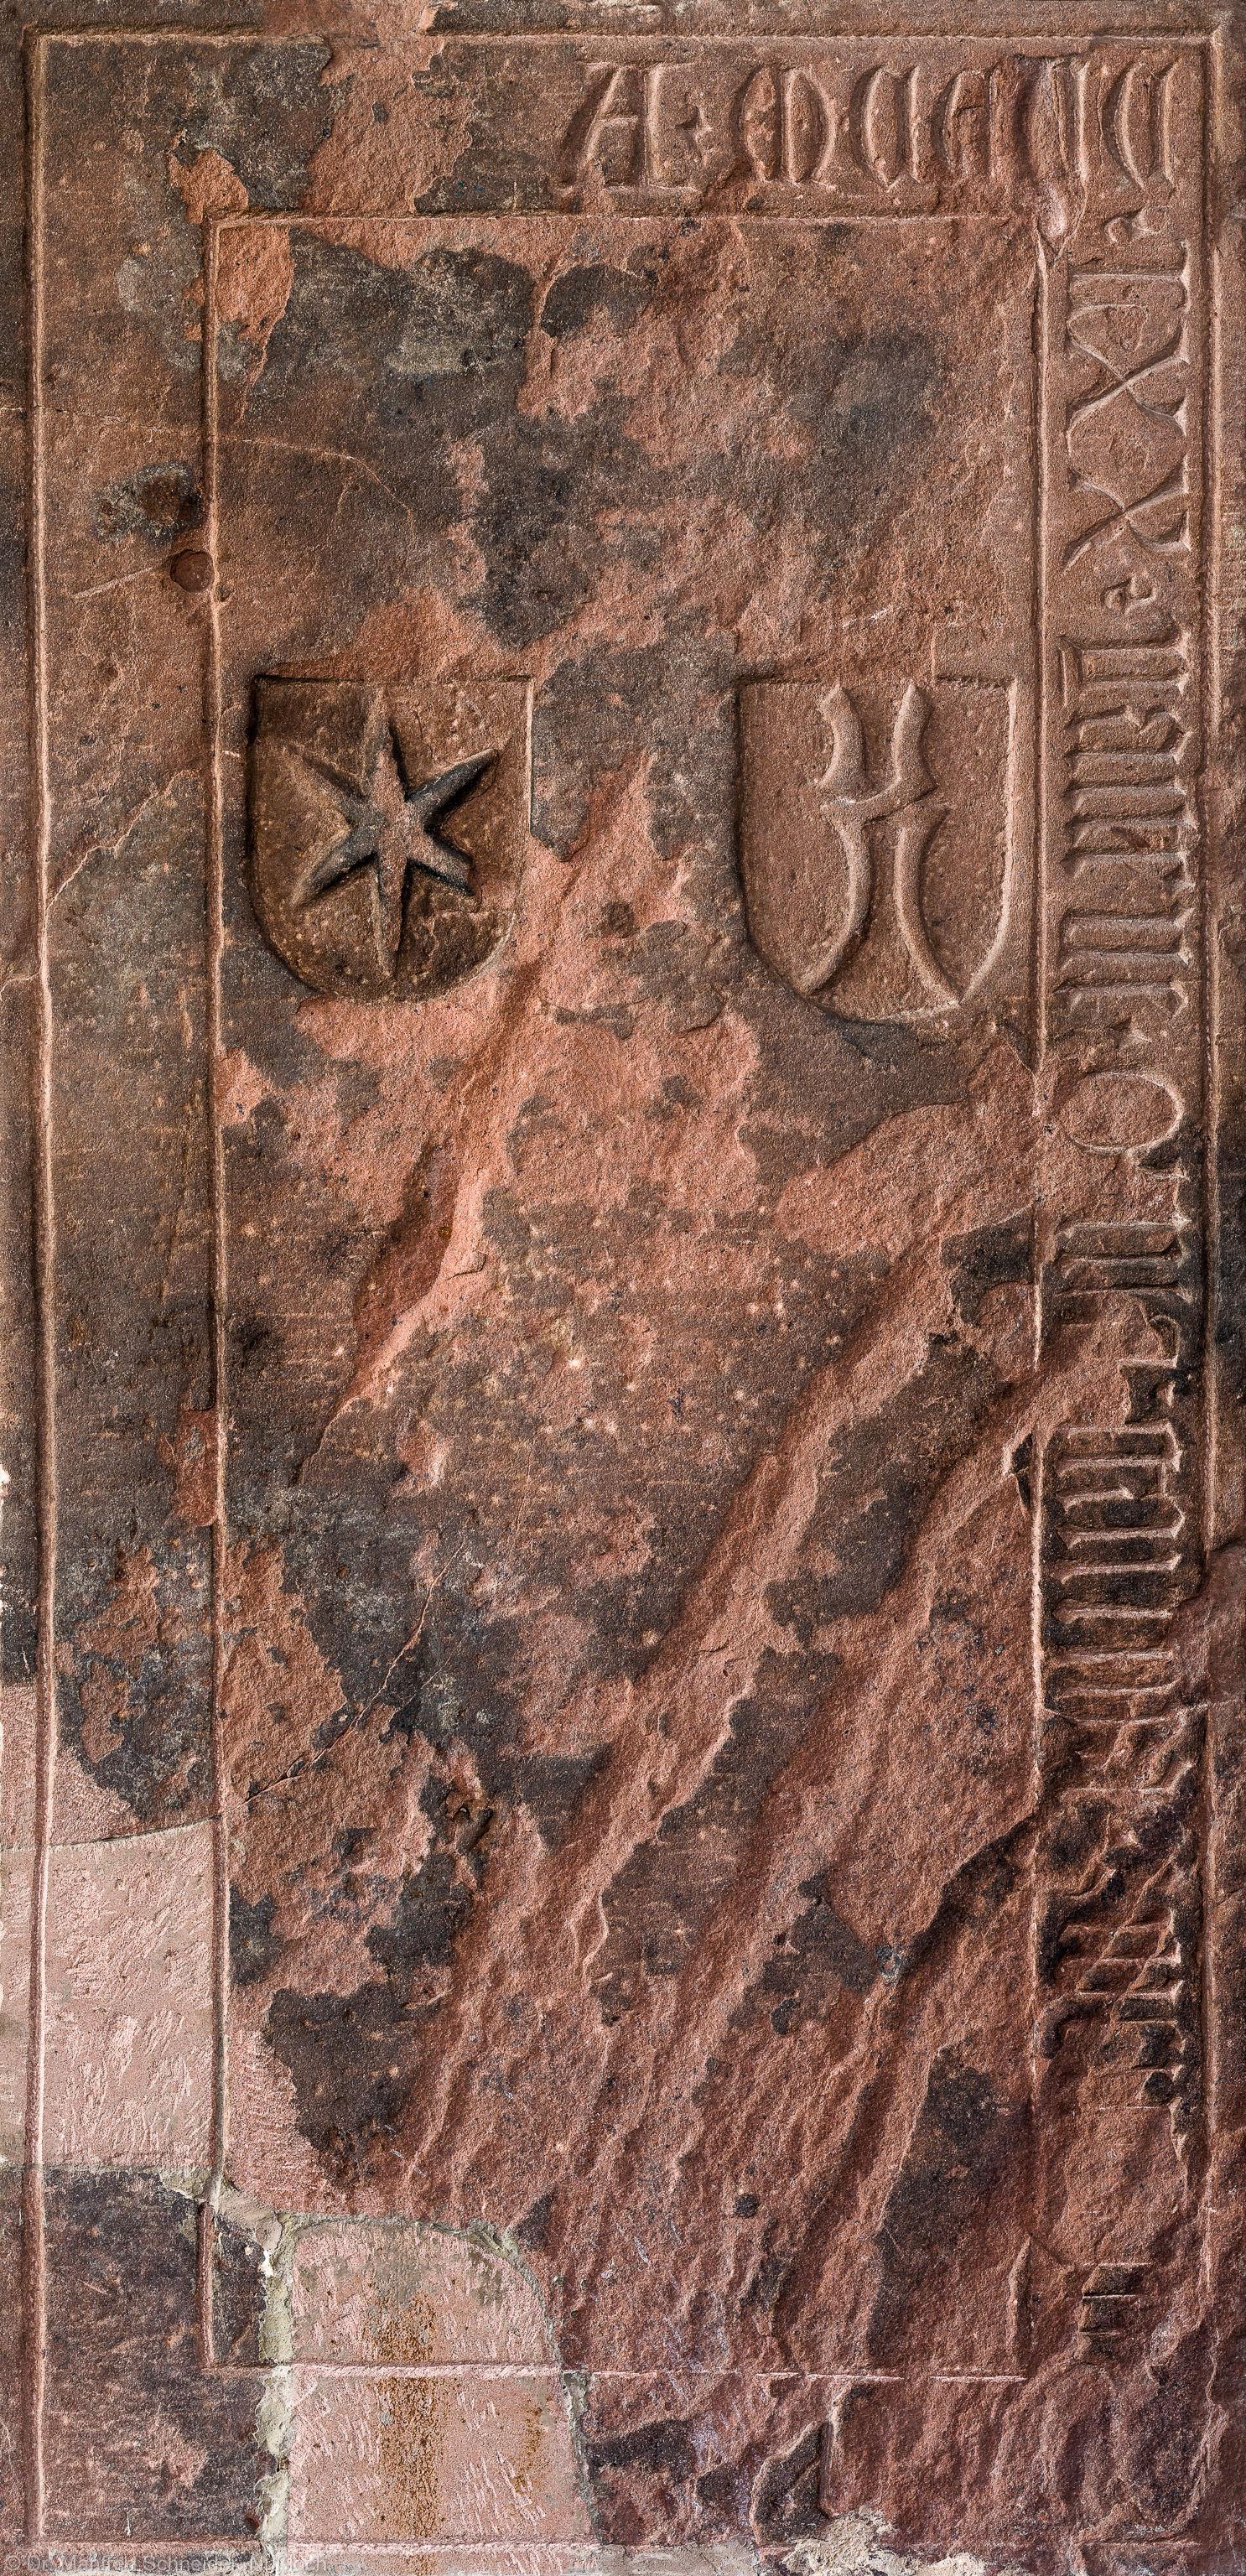 Heidelberg - Heiliggeistkirche - Südschiff - 2. Epitaph, von Westen aus gezählt, an Wand des südlichen Seitenschiffs (aufgenommen im Februar 2014, am frühen Nachmittag)